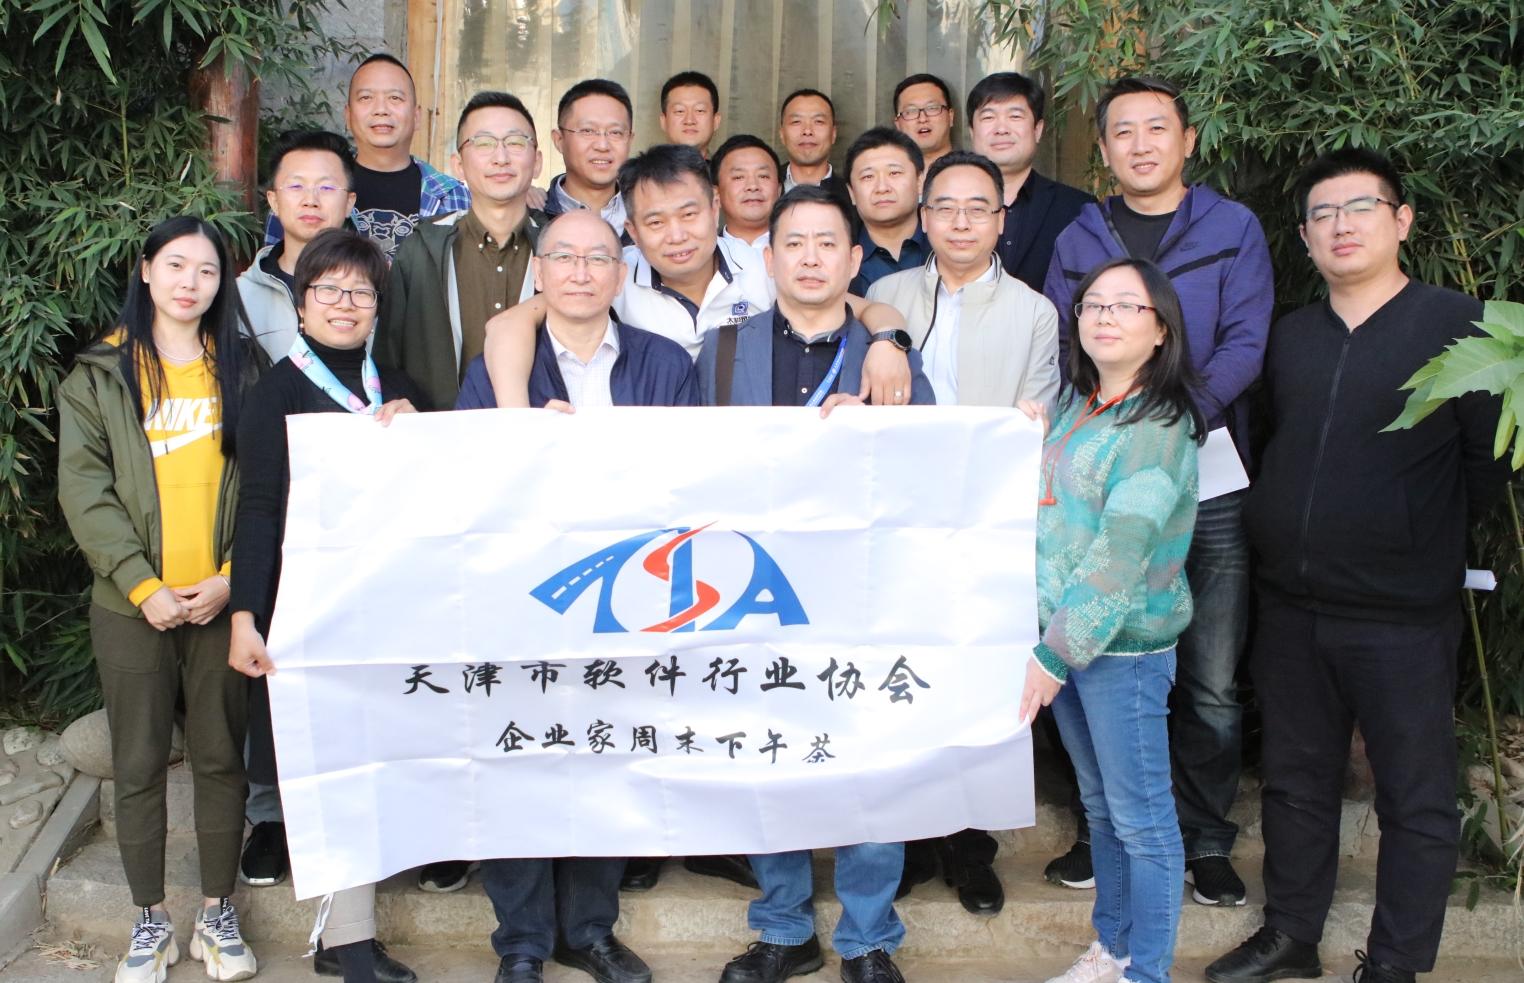 """天津软件与信息服务业企业家俱乐部 """"企业家周末下午茶""""活动(第四十五期)成功举办"""